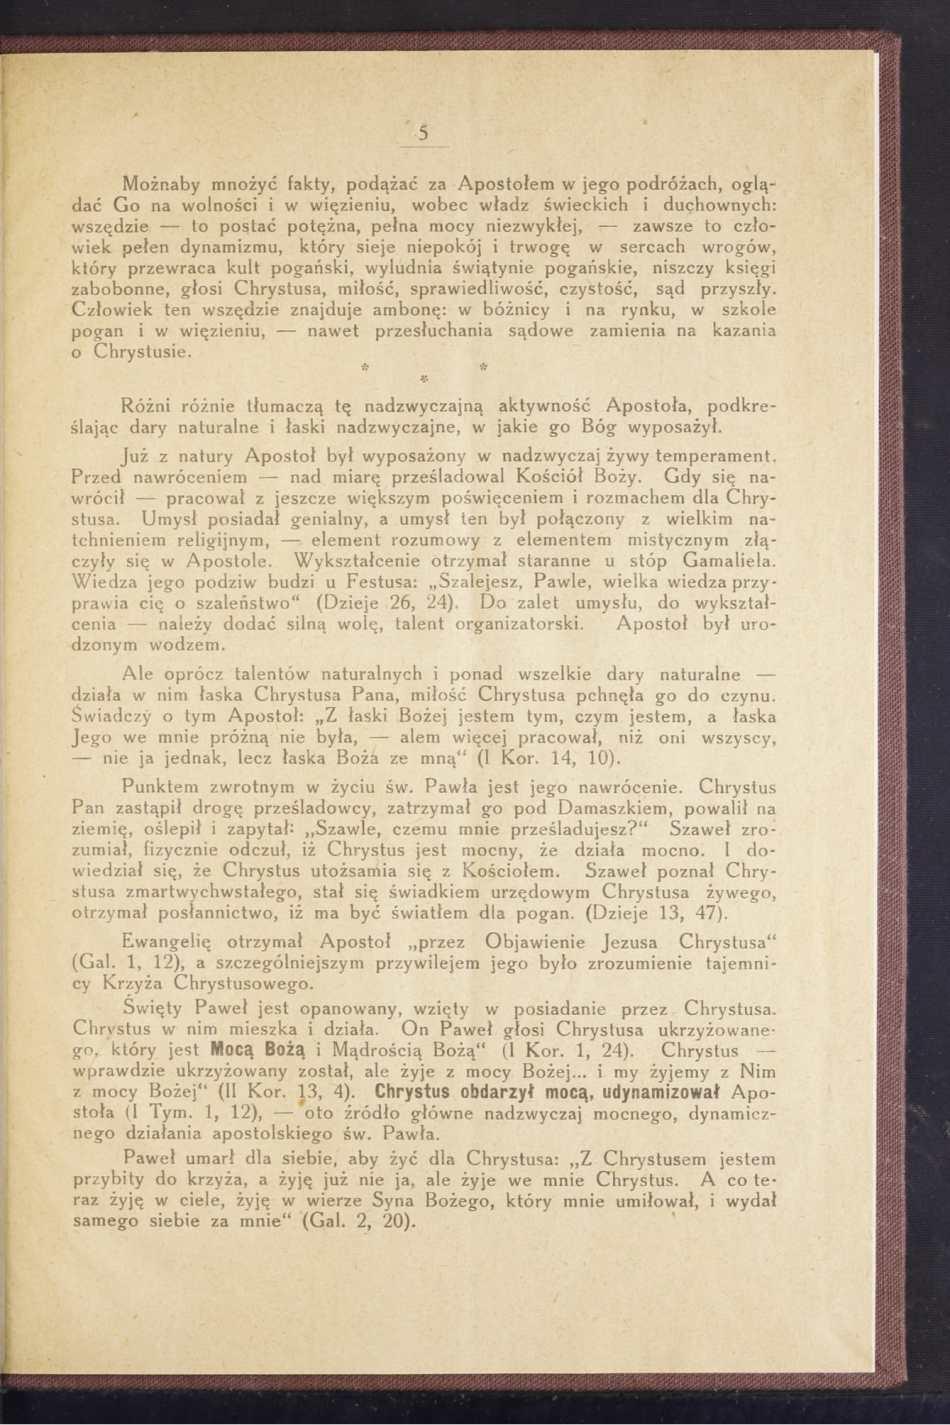 Dynamizm w pracy apostolskiej św. Pawła skrót prelekcji-09